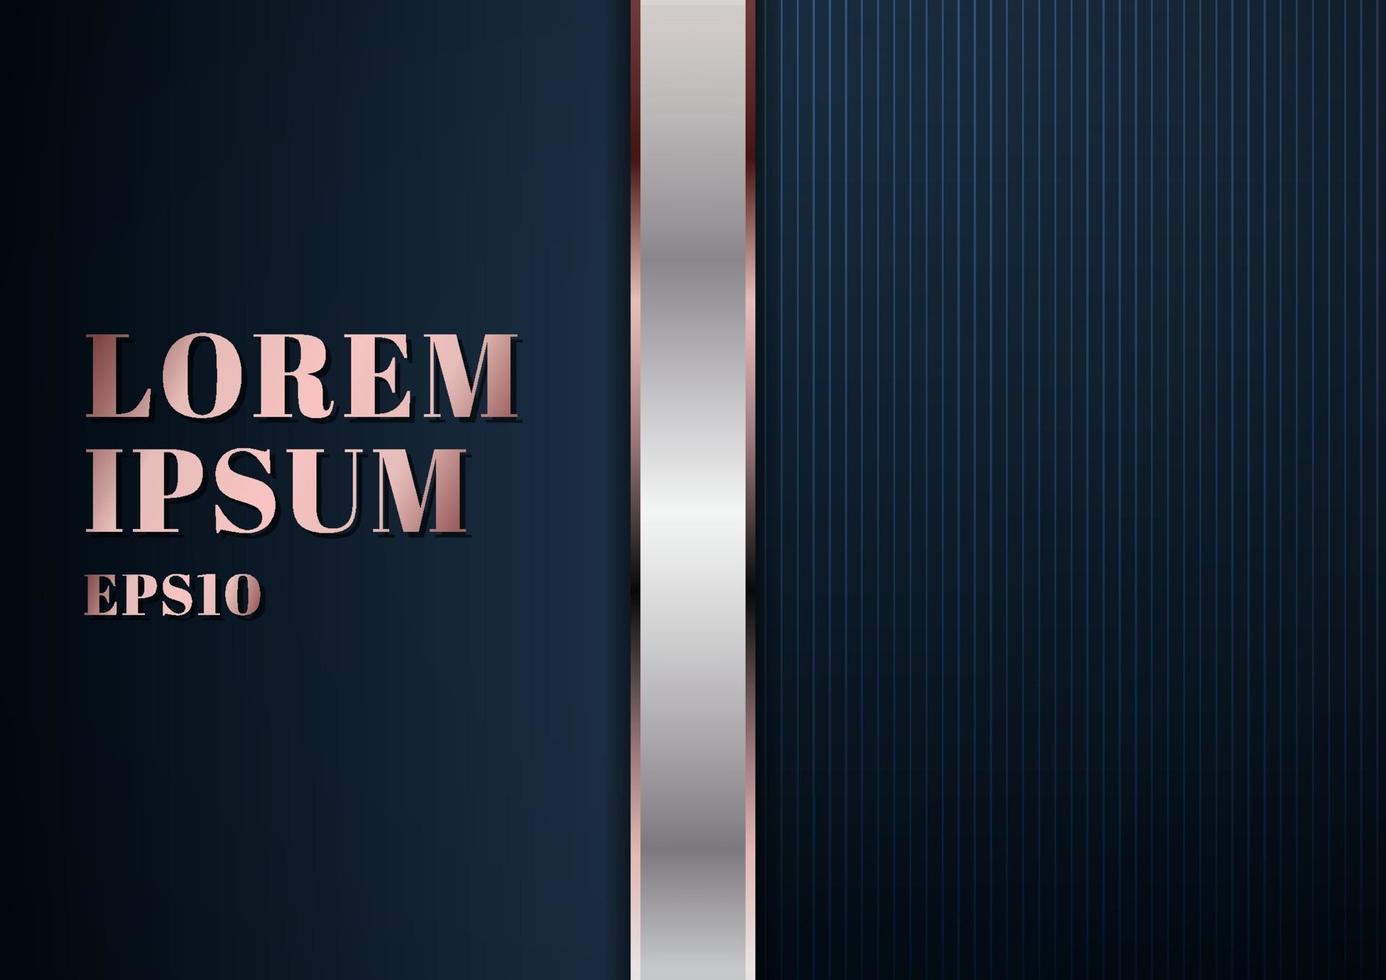 modelo moderno abstrato fundo azul escuro vetor